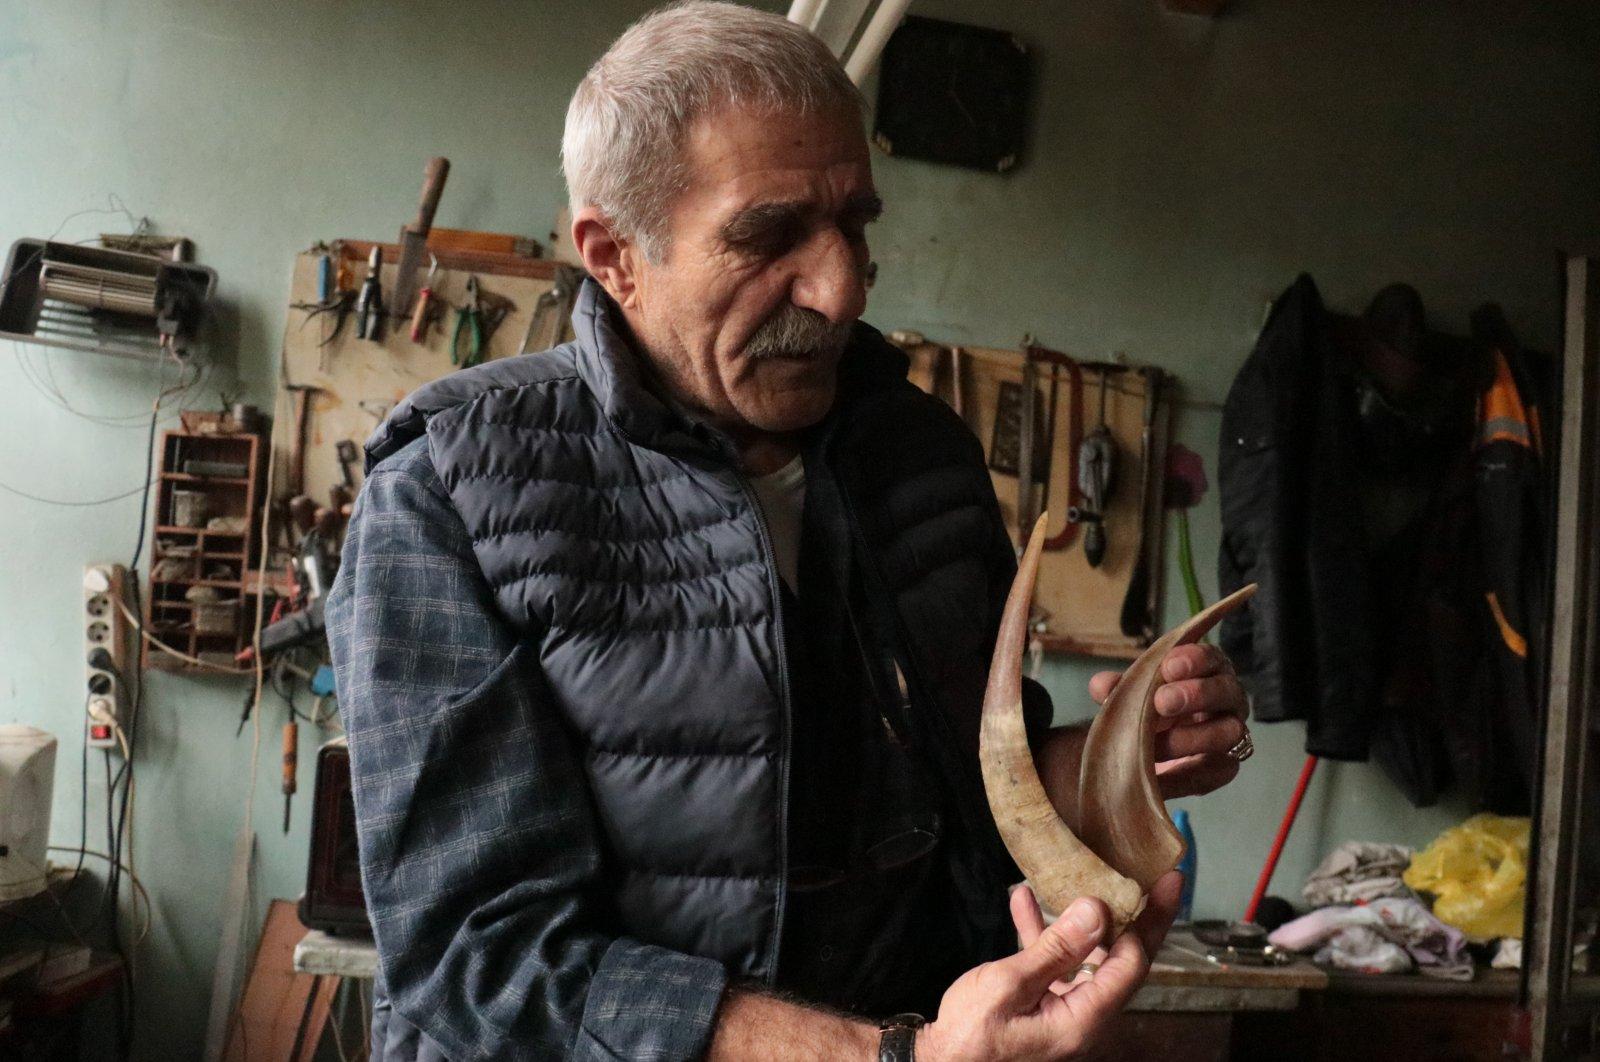 Mehmet Atışan holds a pair of horns at his workshop in Yalova, northwestern Turkey, Nov. 2, 2020. (AA PHOTO)